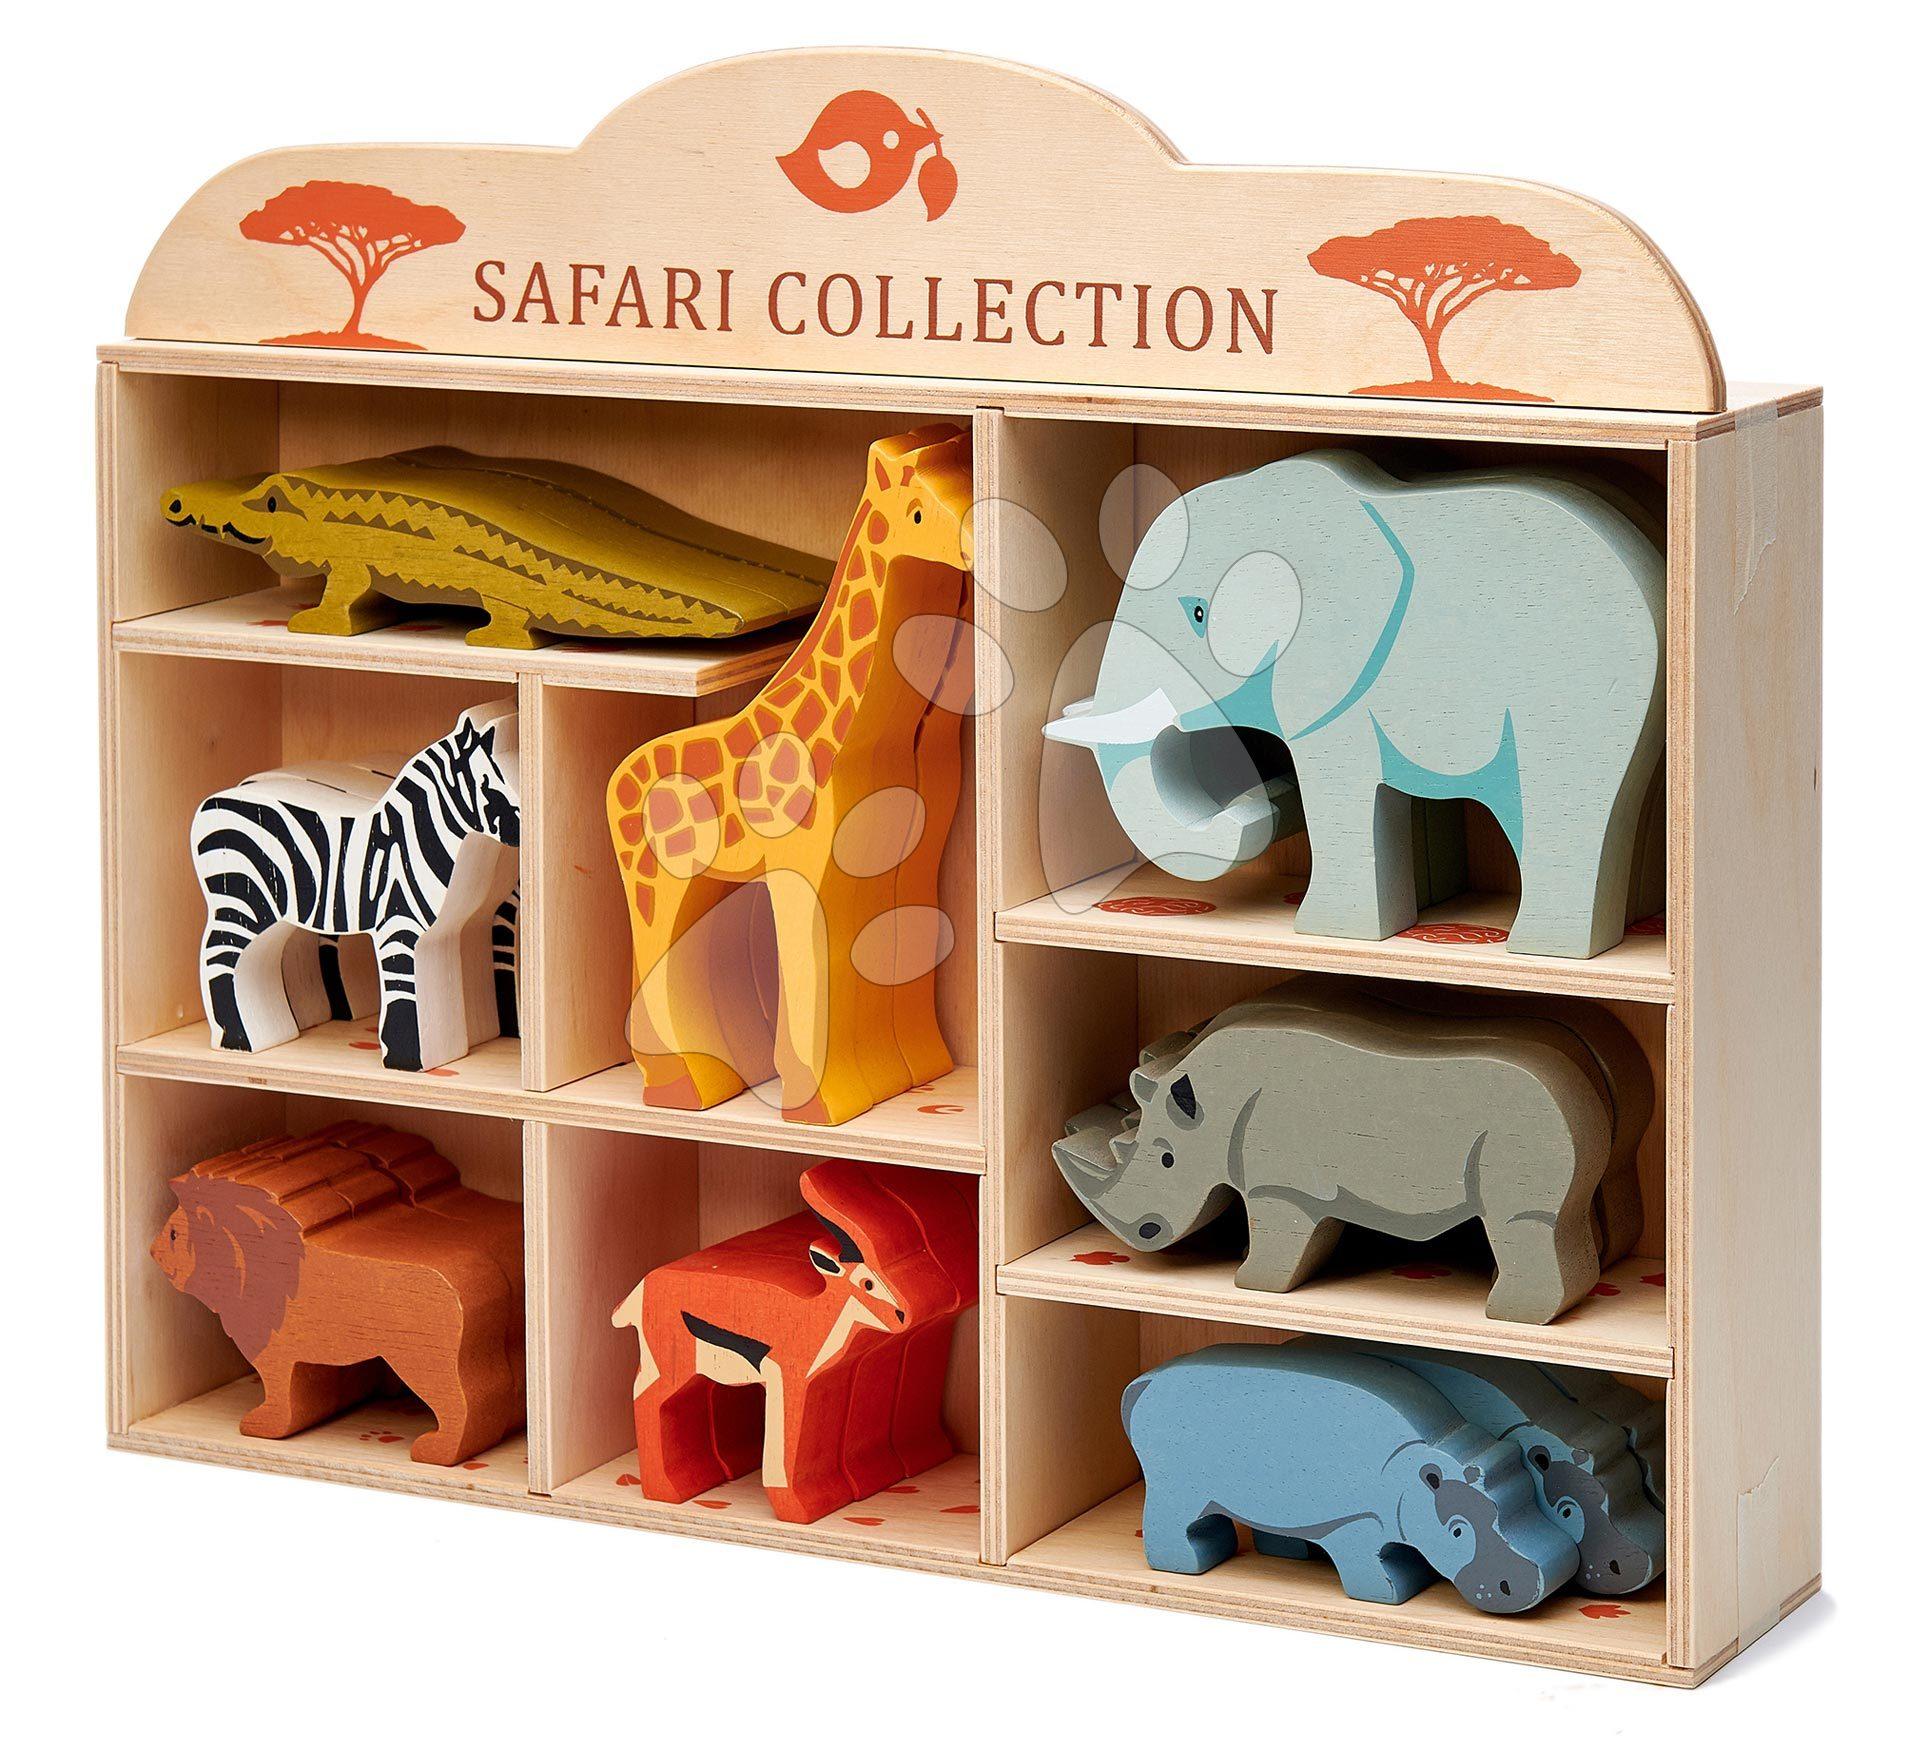 Drevené divoké zvieratká na poličke 24 ks Safari set Tender Leaf Toys krokodíl slon zebra antilopa žirafa nosorožec hroch lev